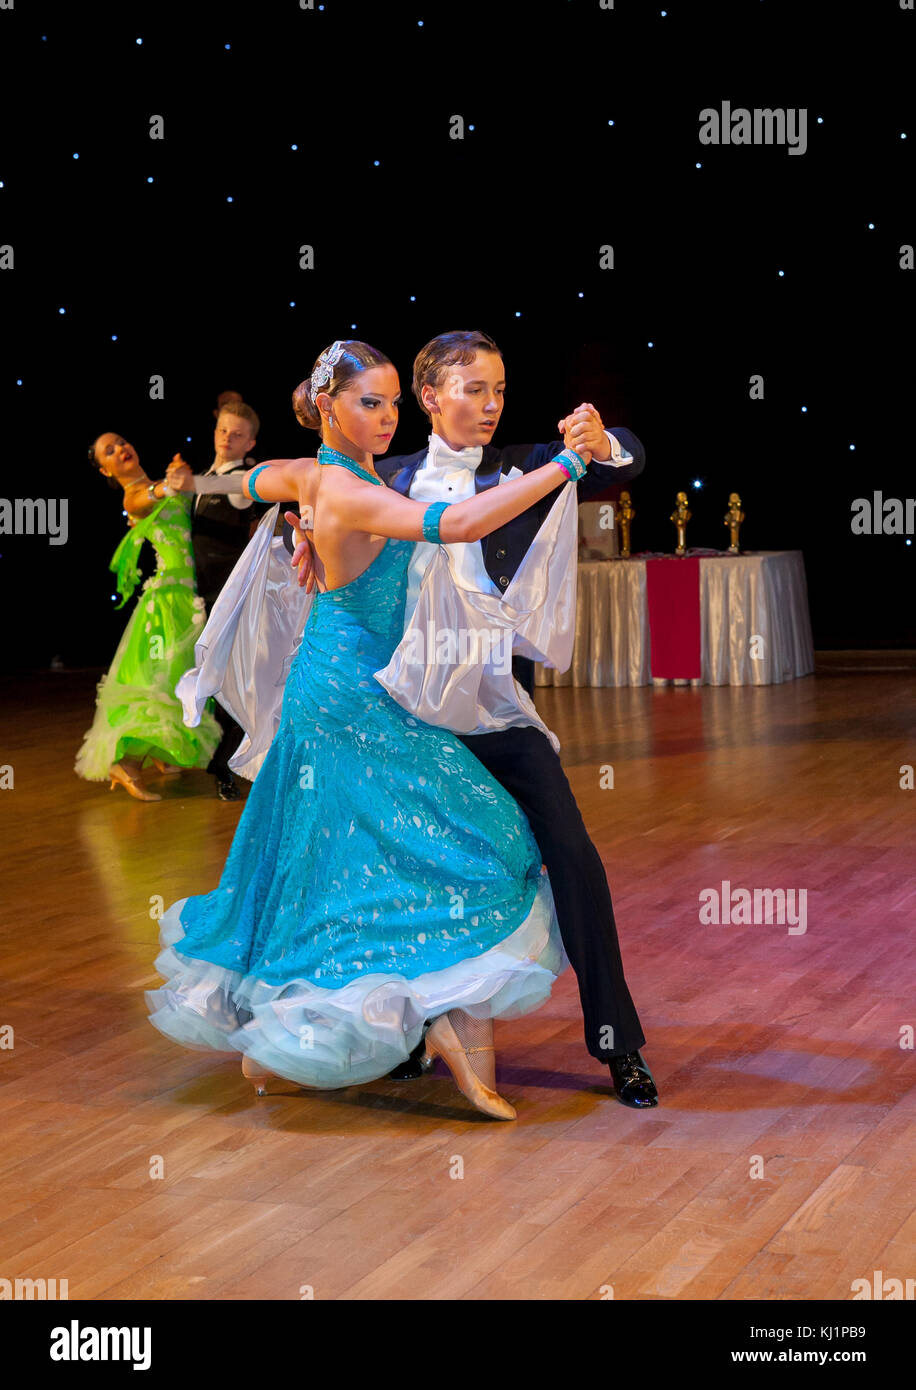 Championnat d'Europe de danse artistique wadf Photo Stock